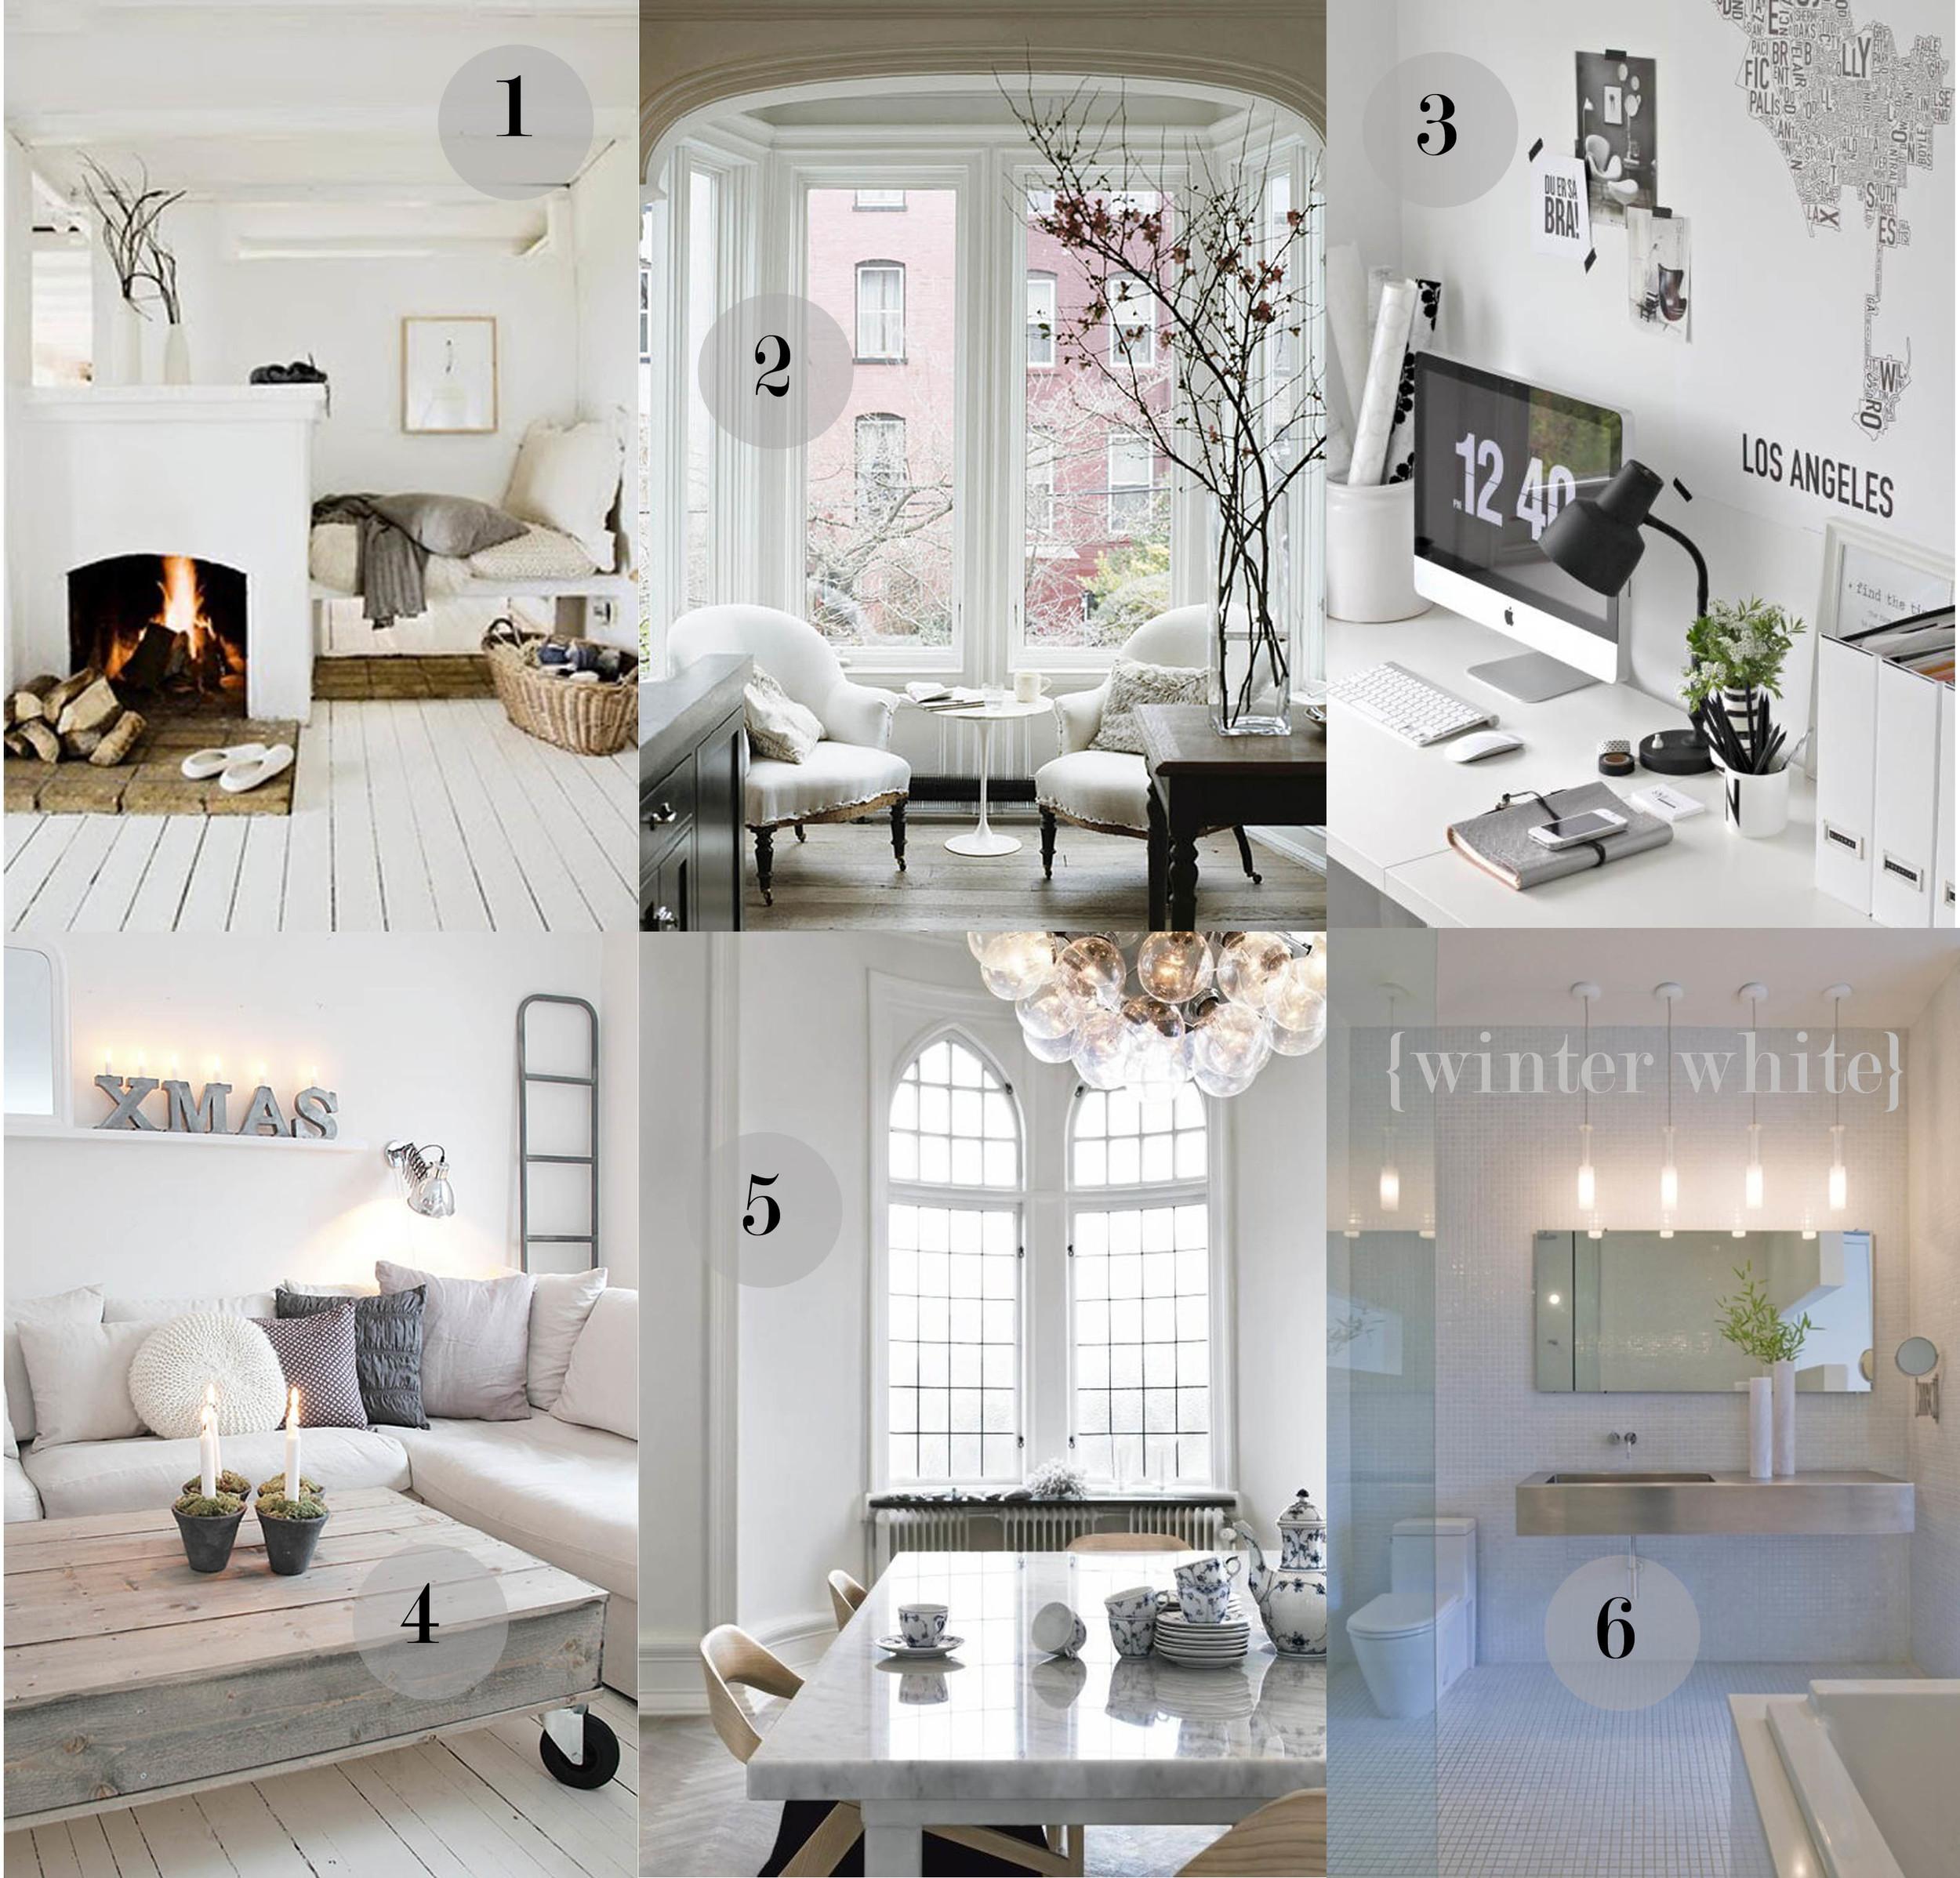 Winter White.jpg